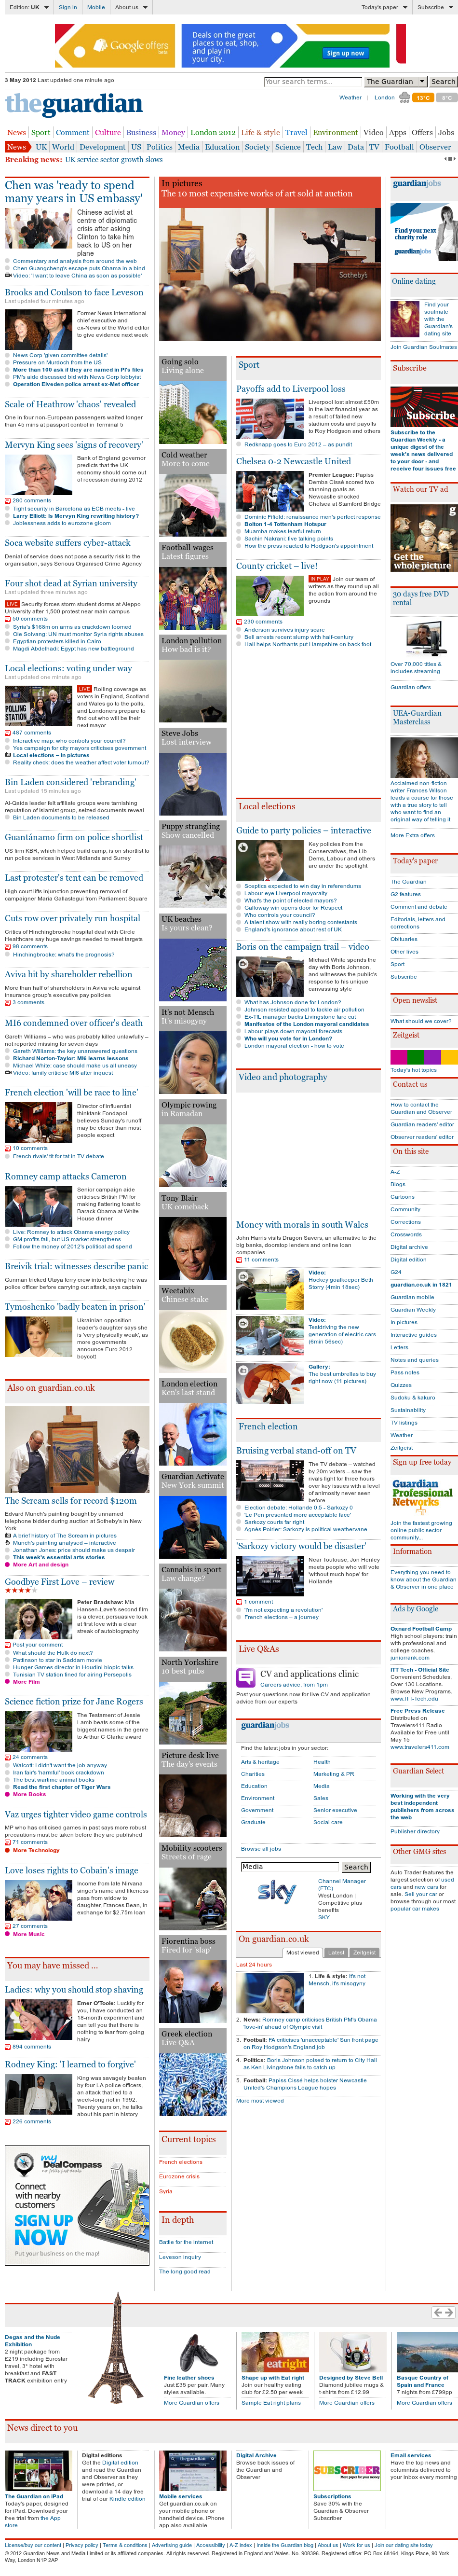 The Guardian at Thursday May 3, 2012, 3:07 p.m. UTC